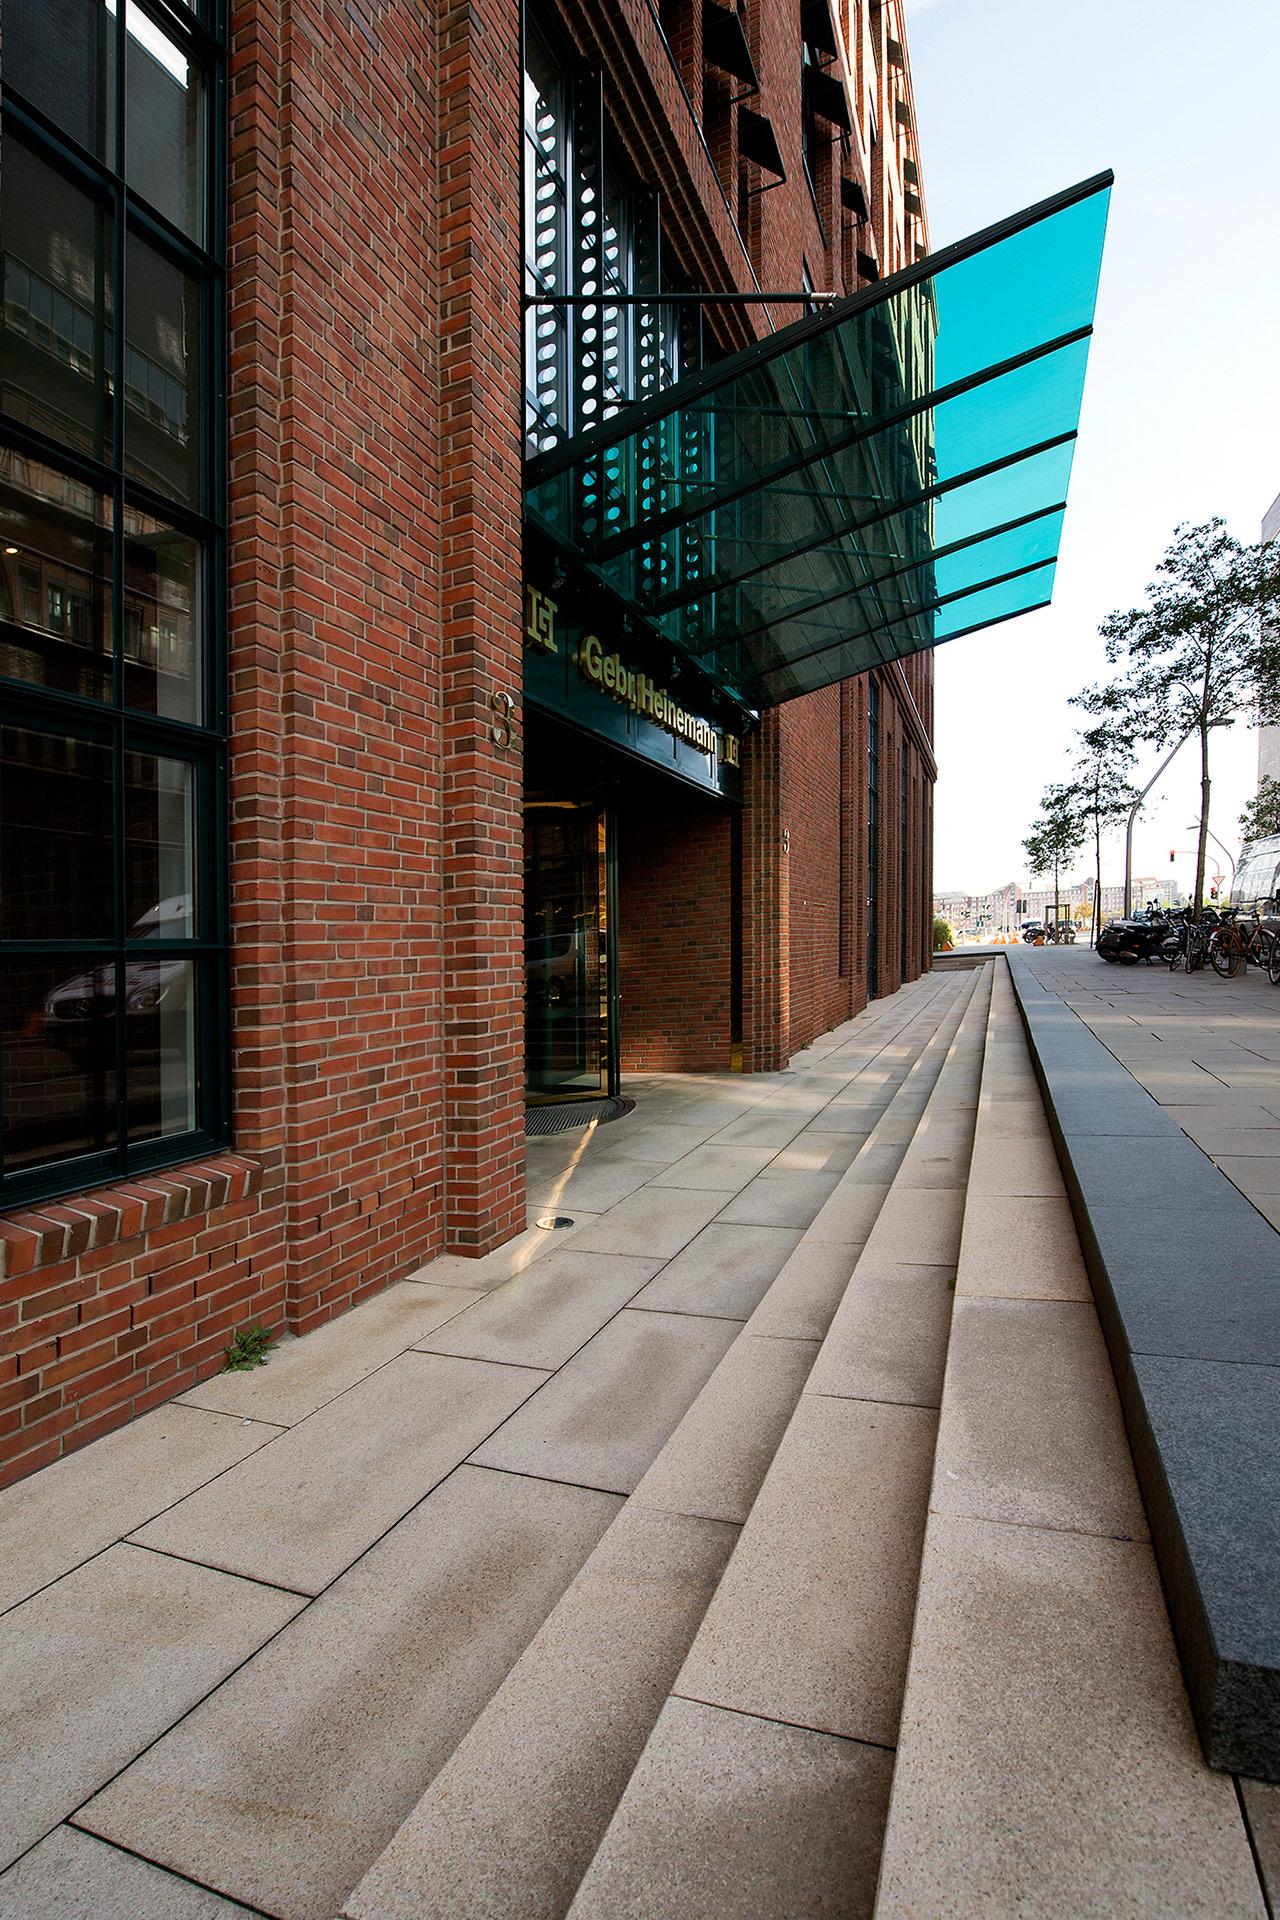 Architekturfoto, Gebr. Heinemann, Anna M. Tränkner Hamburg 3